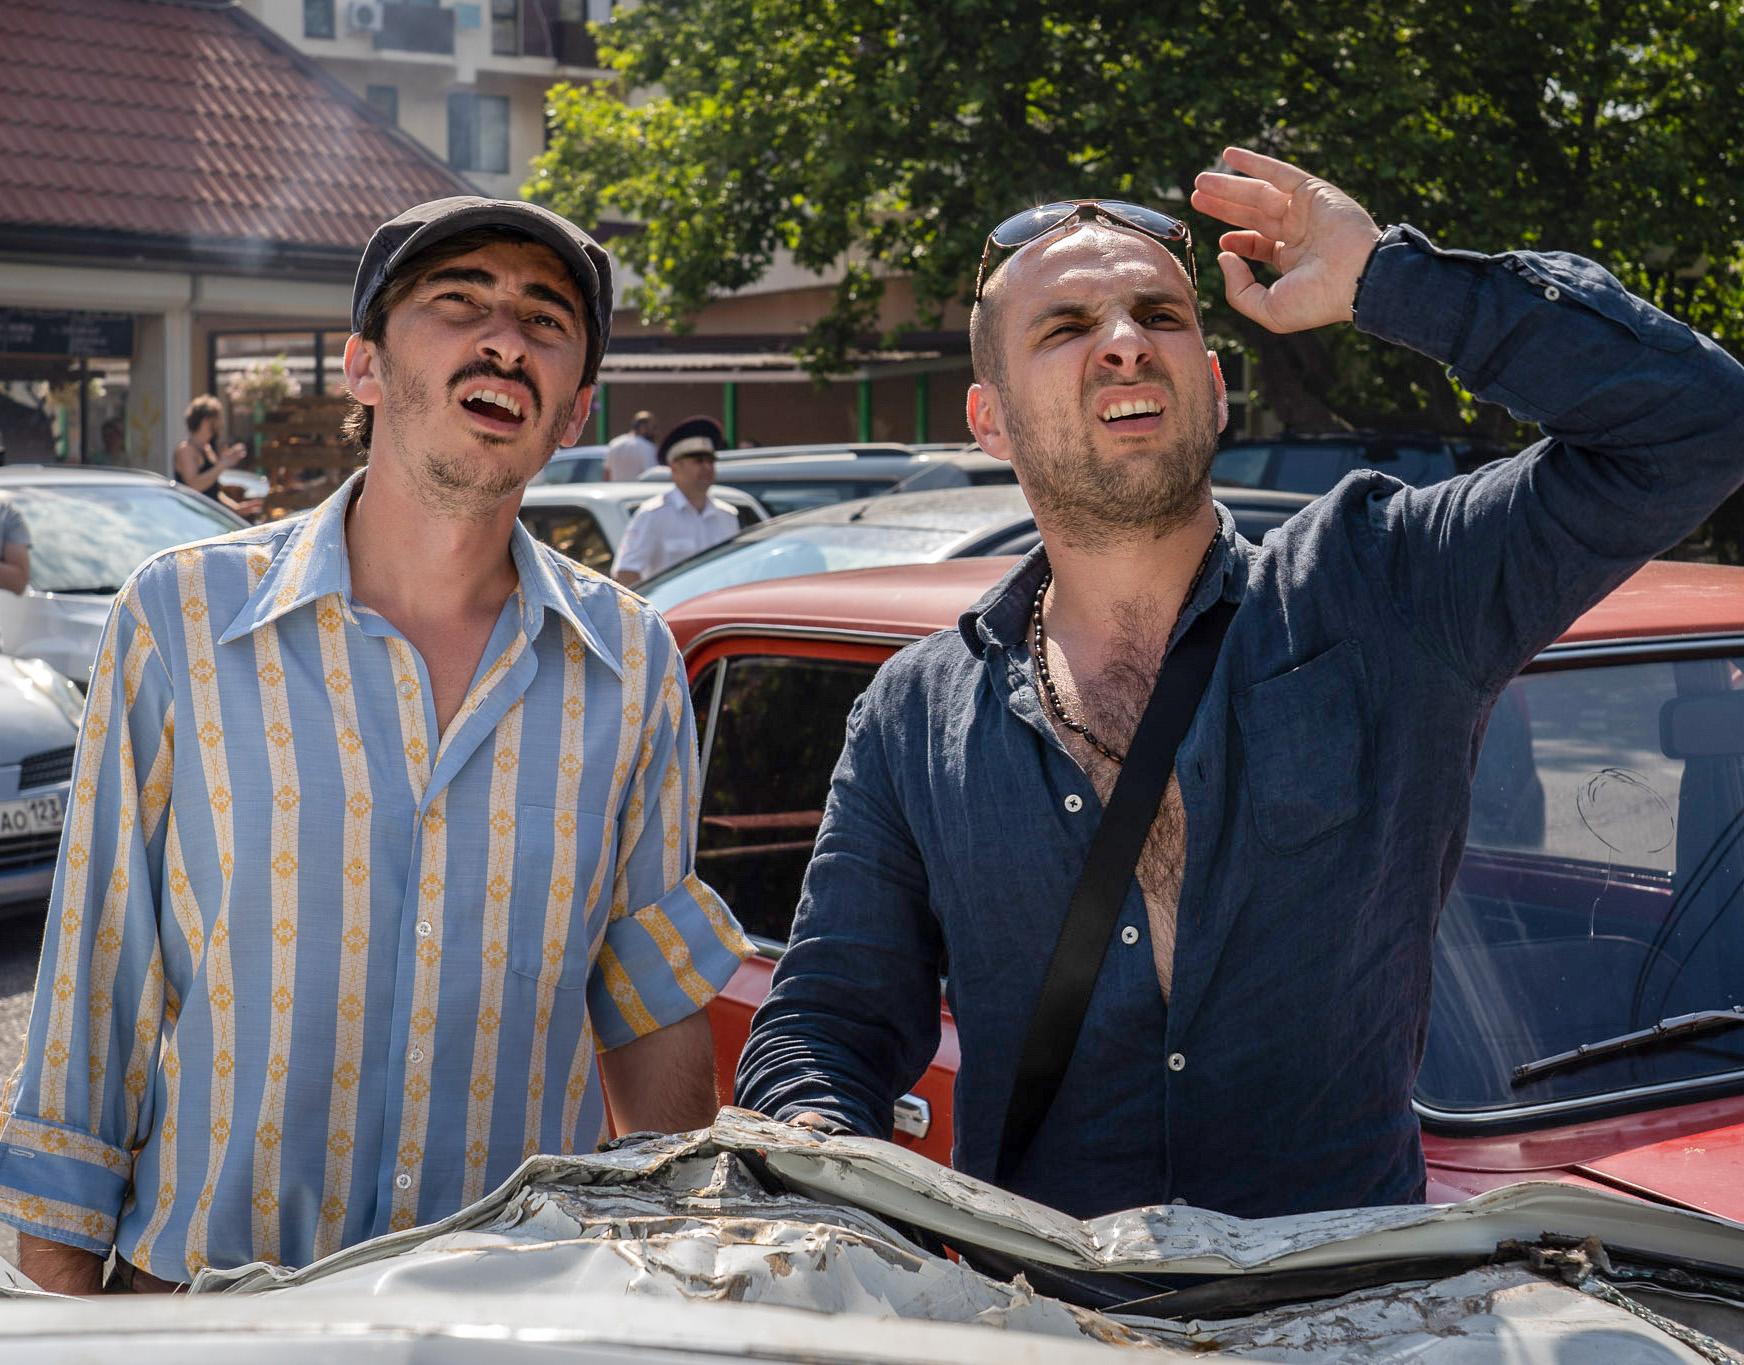 Российская комедия о дерзких приключениях сочинского парня помогла скоротать ярославцам январские вечера